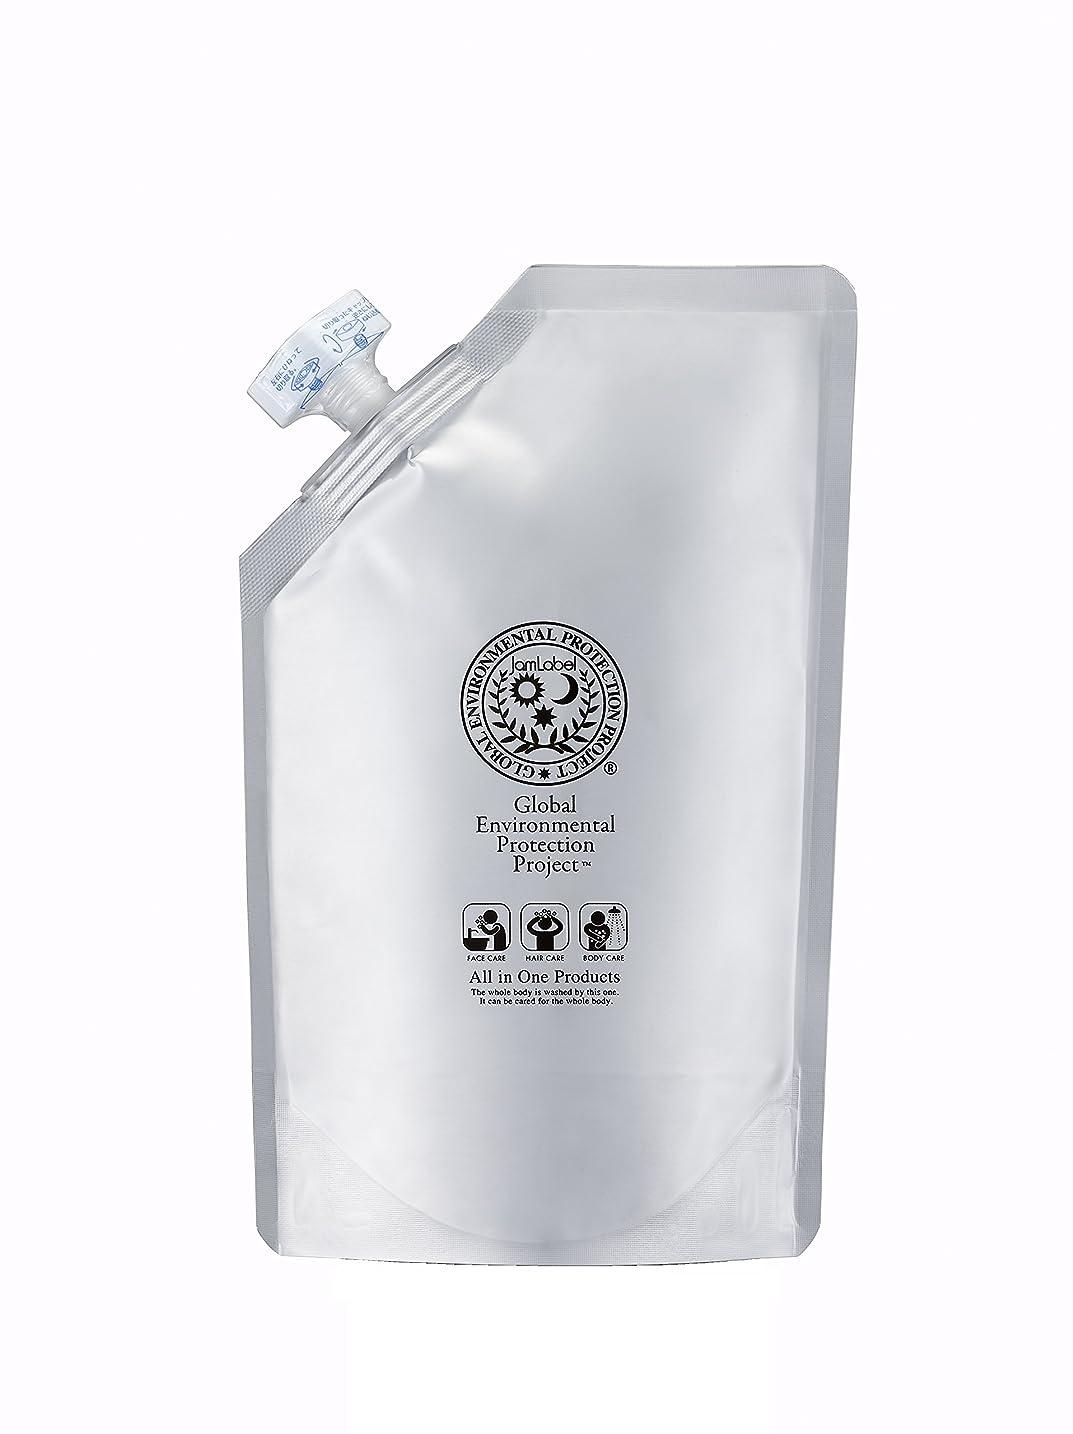 手荷物発見するシンプトンJamlabel 無添加全身用シャンプー ジャムレーベルシャンプー500ml詰替用